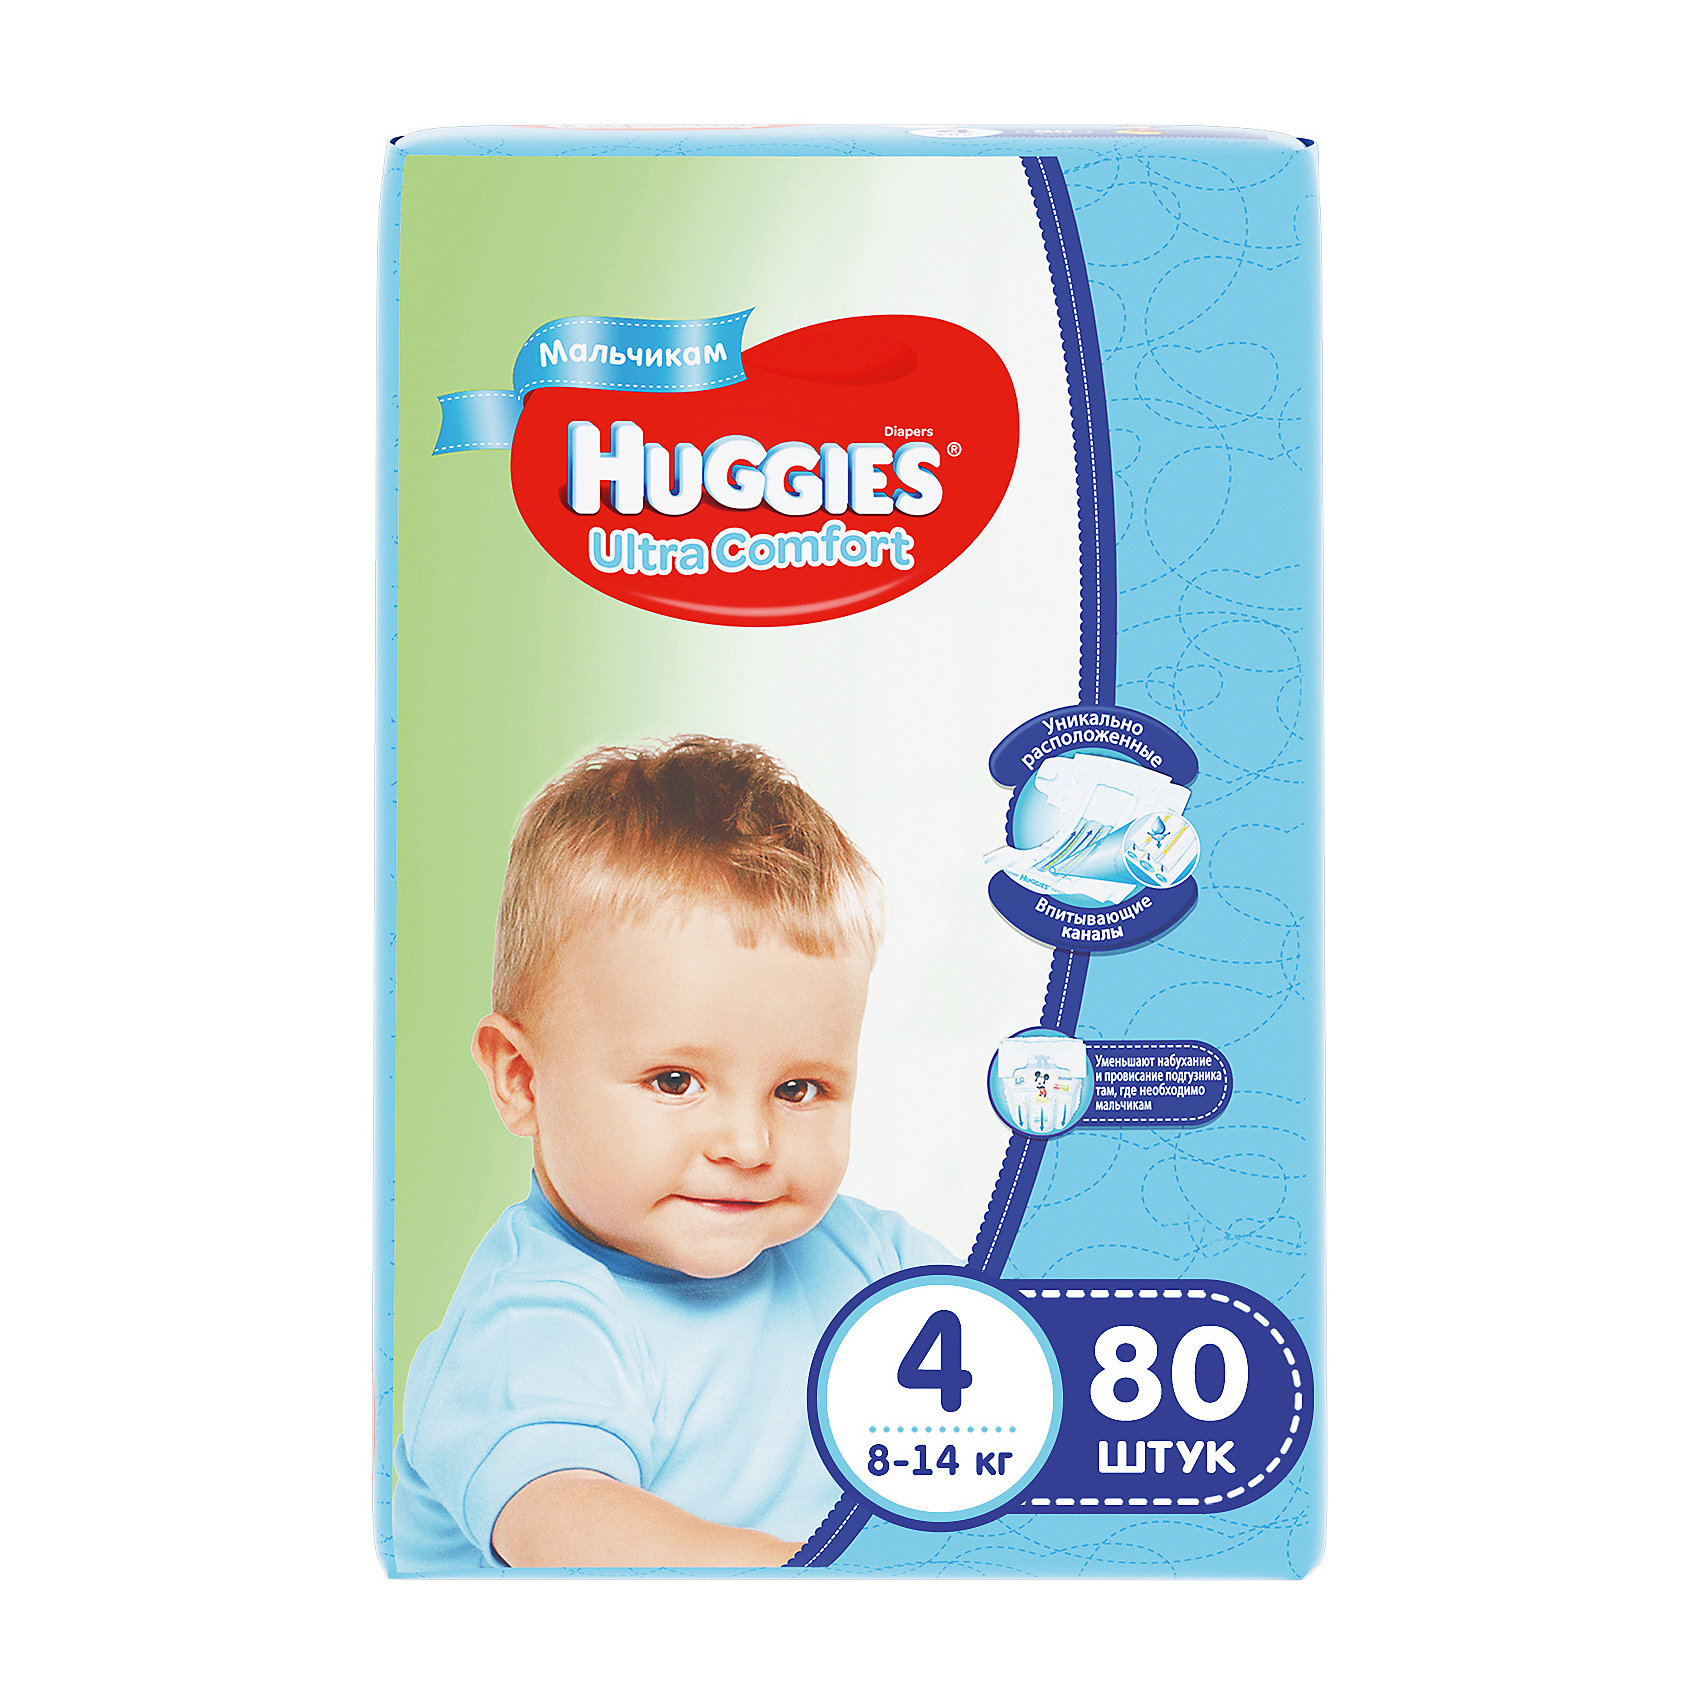 Подгузники Huggies Ultra Comfort для мальчиков Giga Pack (4) 8-14 кг, 80 шт.Подгузники классические<br>С первых дней жизни мальчики и девочки такие разные.<br><br>Новые подгузники Huggies Ultra Comfort созданы специально для мальчиков и специально для девочек. Для лучшего впитывания распределяющий слой в этих подгузниках расположен там, где это нужнее всего: по центру для девочек и выше для мальчиков. Huggies Ultra Comfort изготовлены из мягких материалов с микропорами, которые позволяют коже «дышать». Специальные тянущиеся застежки с закругленными краями надежно фиксируют подгузник, а широкий суперэластичный поясок позволяет малышам свободно двигаться.<br><br>Ключевые преимущества новых Huggies Ultra Comfort:<br><br>- Широкий суперэластичный поясок помогает надежно фиксировать подгузник по спинке малыша и защищать кожу от натирания<br>- Анатомическая форма. Изогнутые резиночки повторяют анатомическую форму подгузника, помогая защитить от натирания между ножками <br>- Ультра мягкий внутренний слой по всей длине подгузника оберегает кожу малыша.<br>- Специально разработанный слой Dry Touch впитывает за секунды и помогает запереть влагу внутри.<br>- Яркие эксклюзивные подгузники c дизайном от Disney подчеркивают индивидуальность маленьких модников и модниц.<br><br>Huggies Ultra Comfort для мальчиков и для девочек — потому что они такие разные.<br><br>Дополнительная информация:<br><br>Для мальчиков.<br>Размер: 4, 8-14 кг.<br>В упаковке: 80 шт.<br><br>Подгузники Huggies Ultra Comfort для мальчиков Giga Pack (4) 8-14 кг, 80 шт. можно купить в нашем интернет-магазине.<br><br>Ширина мм: 415<br>Глубина мм: 375<br>Высота мм: 107<br>Вес г: 3040<br>Возраст от месяцев: 6<br>Возраст до месяцев: 24<br>Пол: Мужской<br>Возраст: Детский<br>SKU: 3361321